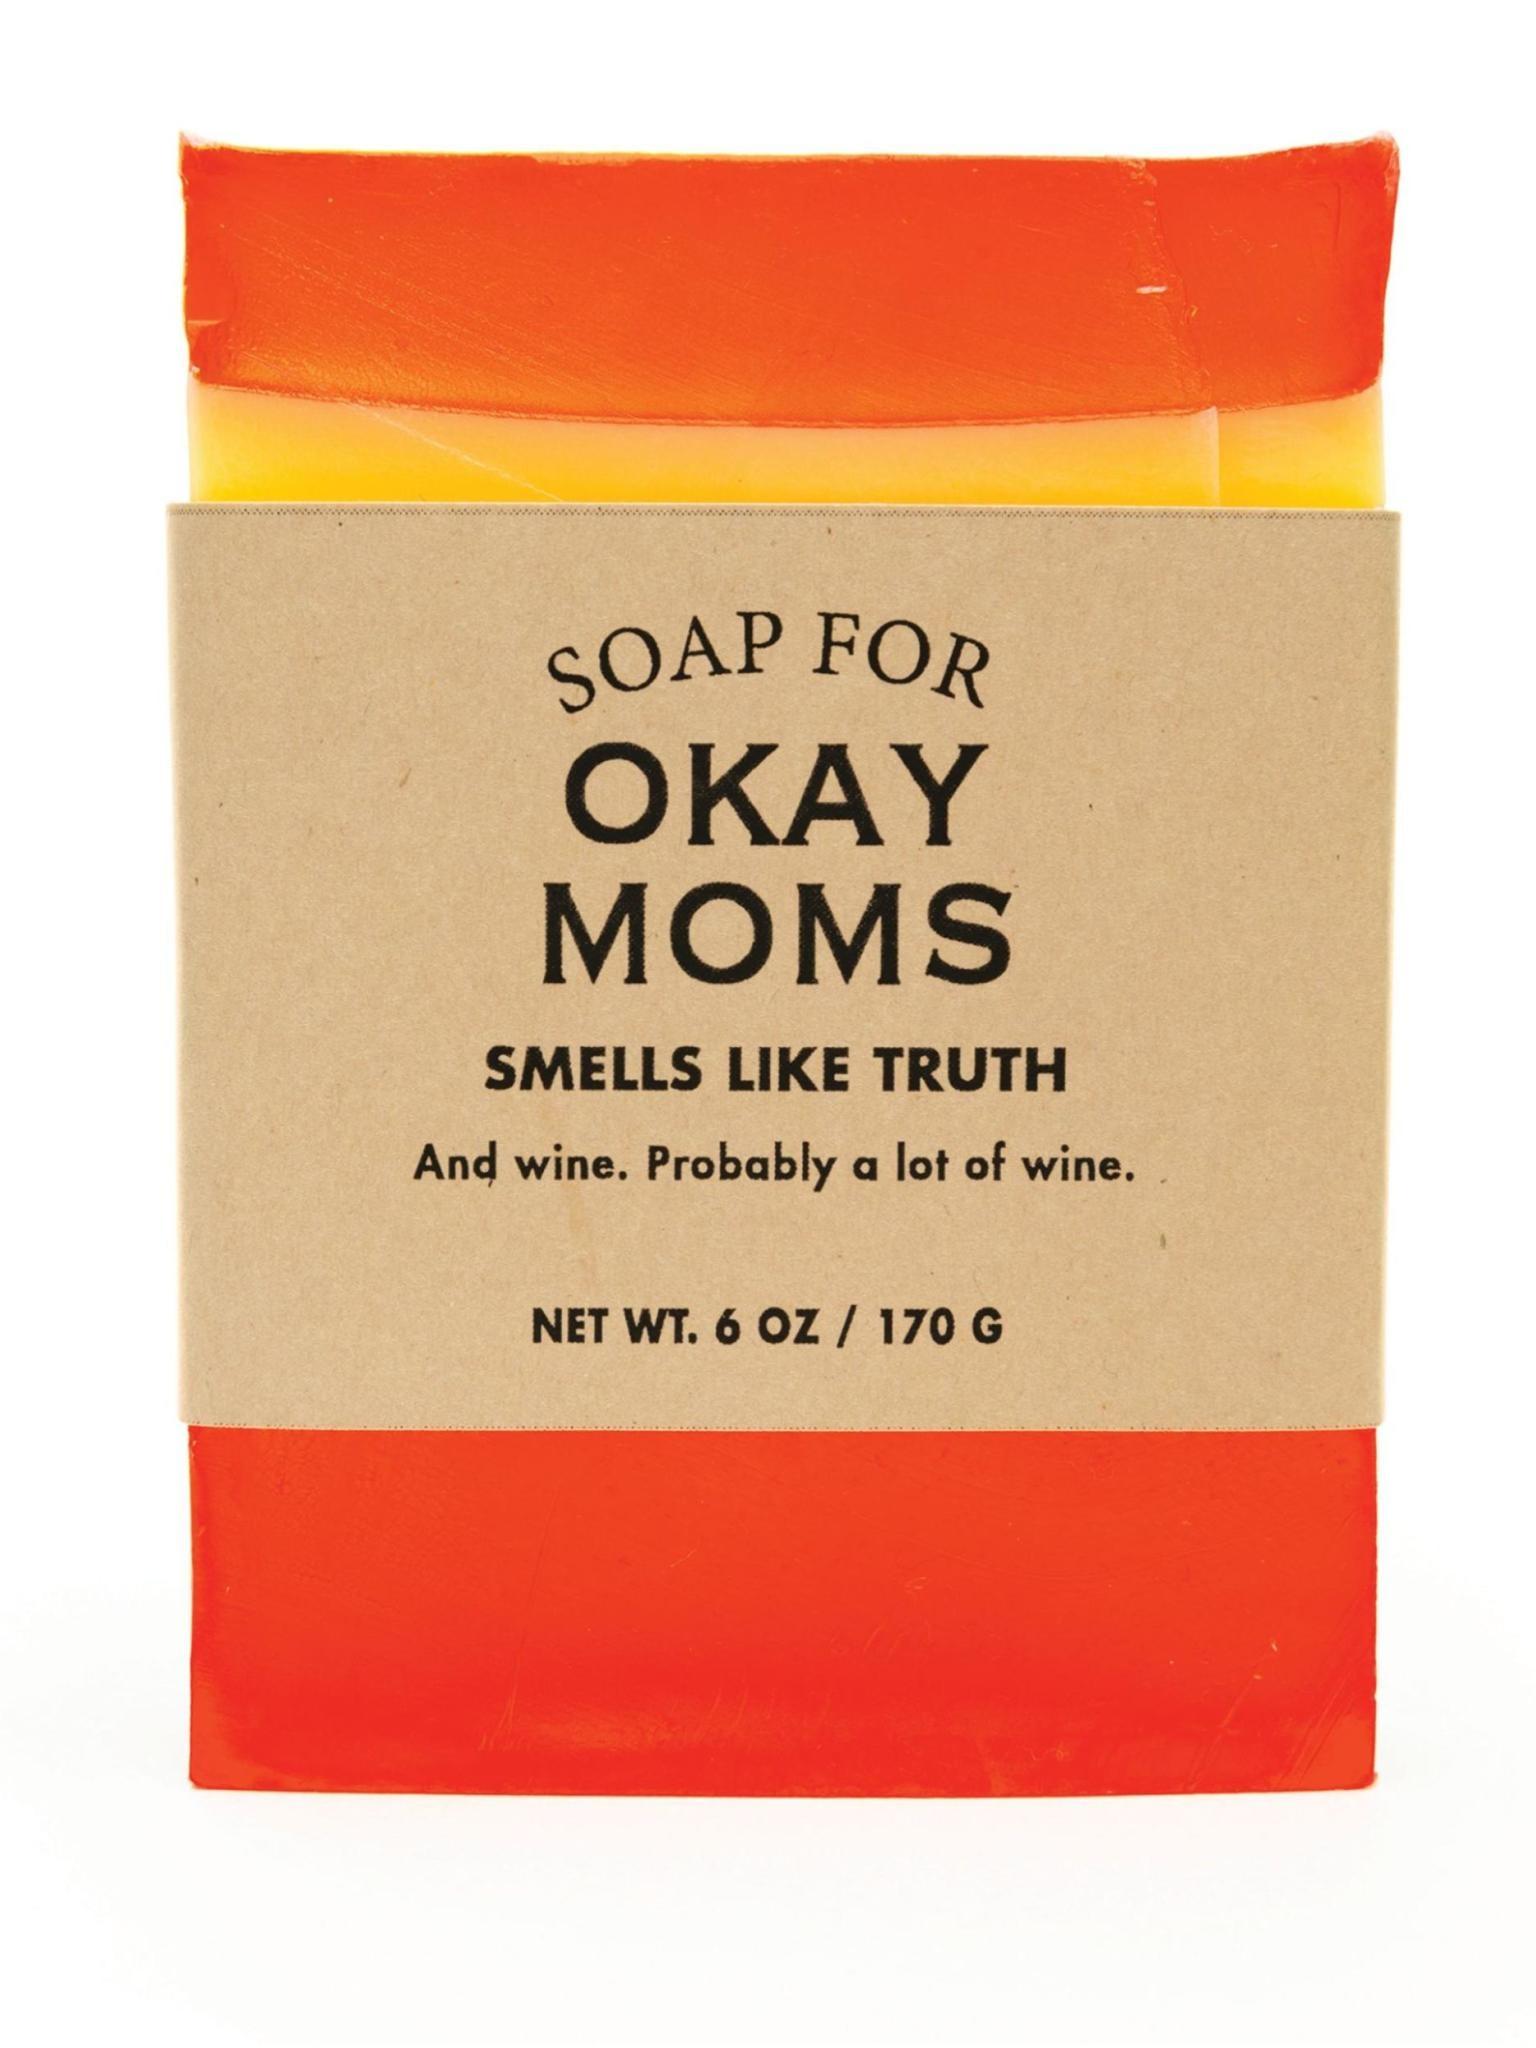 Whiskey River Soap Co. Okay Moms Soap 6 oz